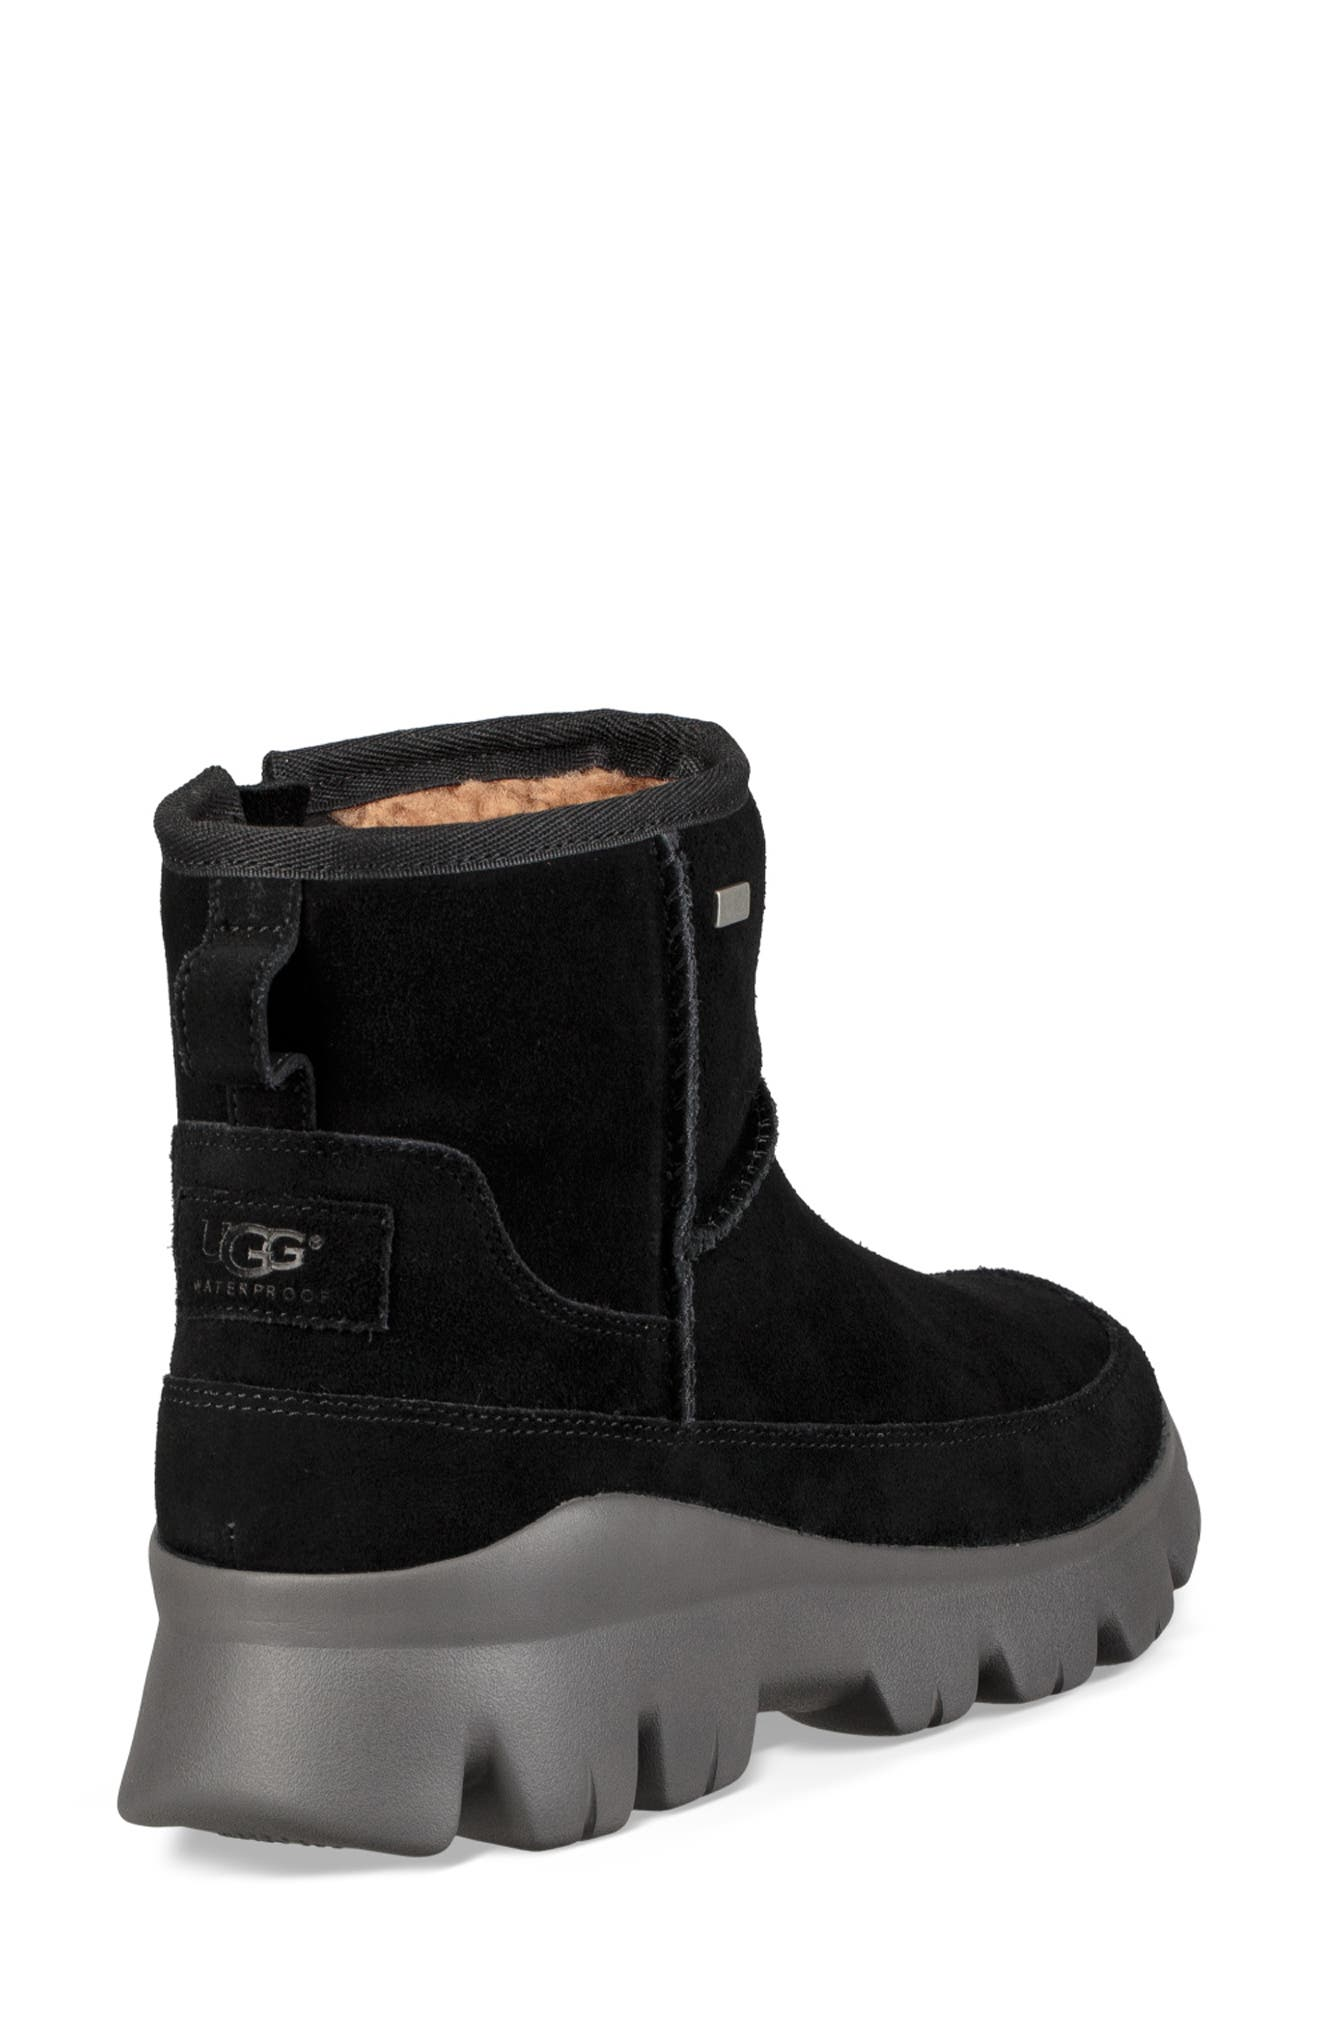 Palomar Waterproof Sneaker Bootie,                             Alternate thumbnail 2, color,                             BLACK/ CHARCOAL SUEDE